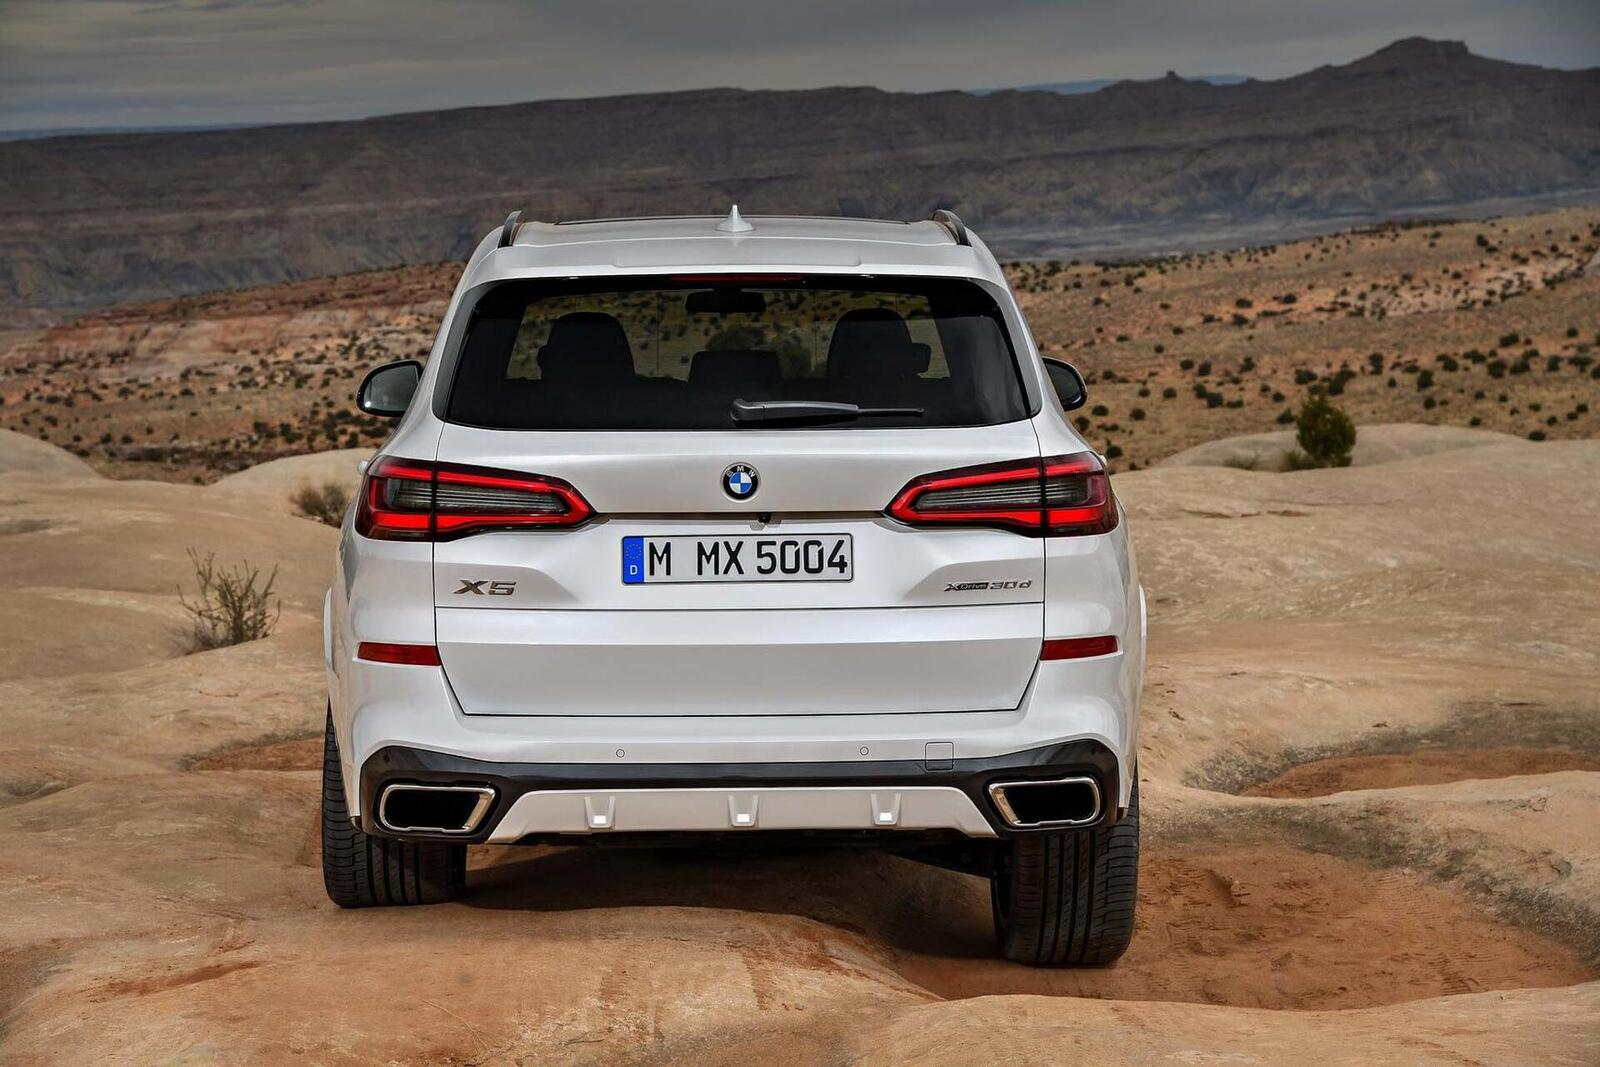 Hôm nay BMW X7 và X5 thế hệ mới sẽ ra mắt tại Việt Nam; mời các bác dự đoán giá bán - Hình 10